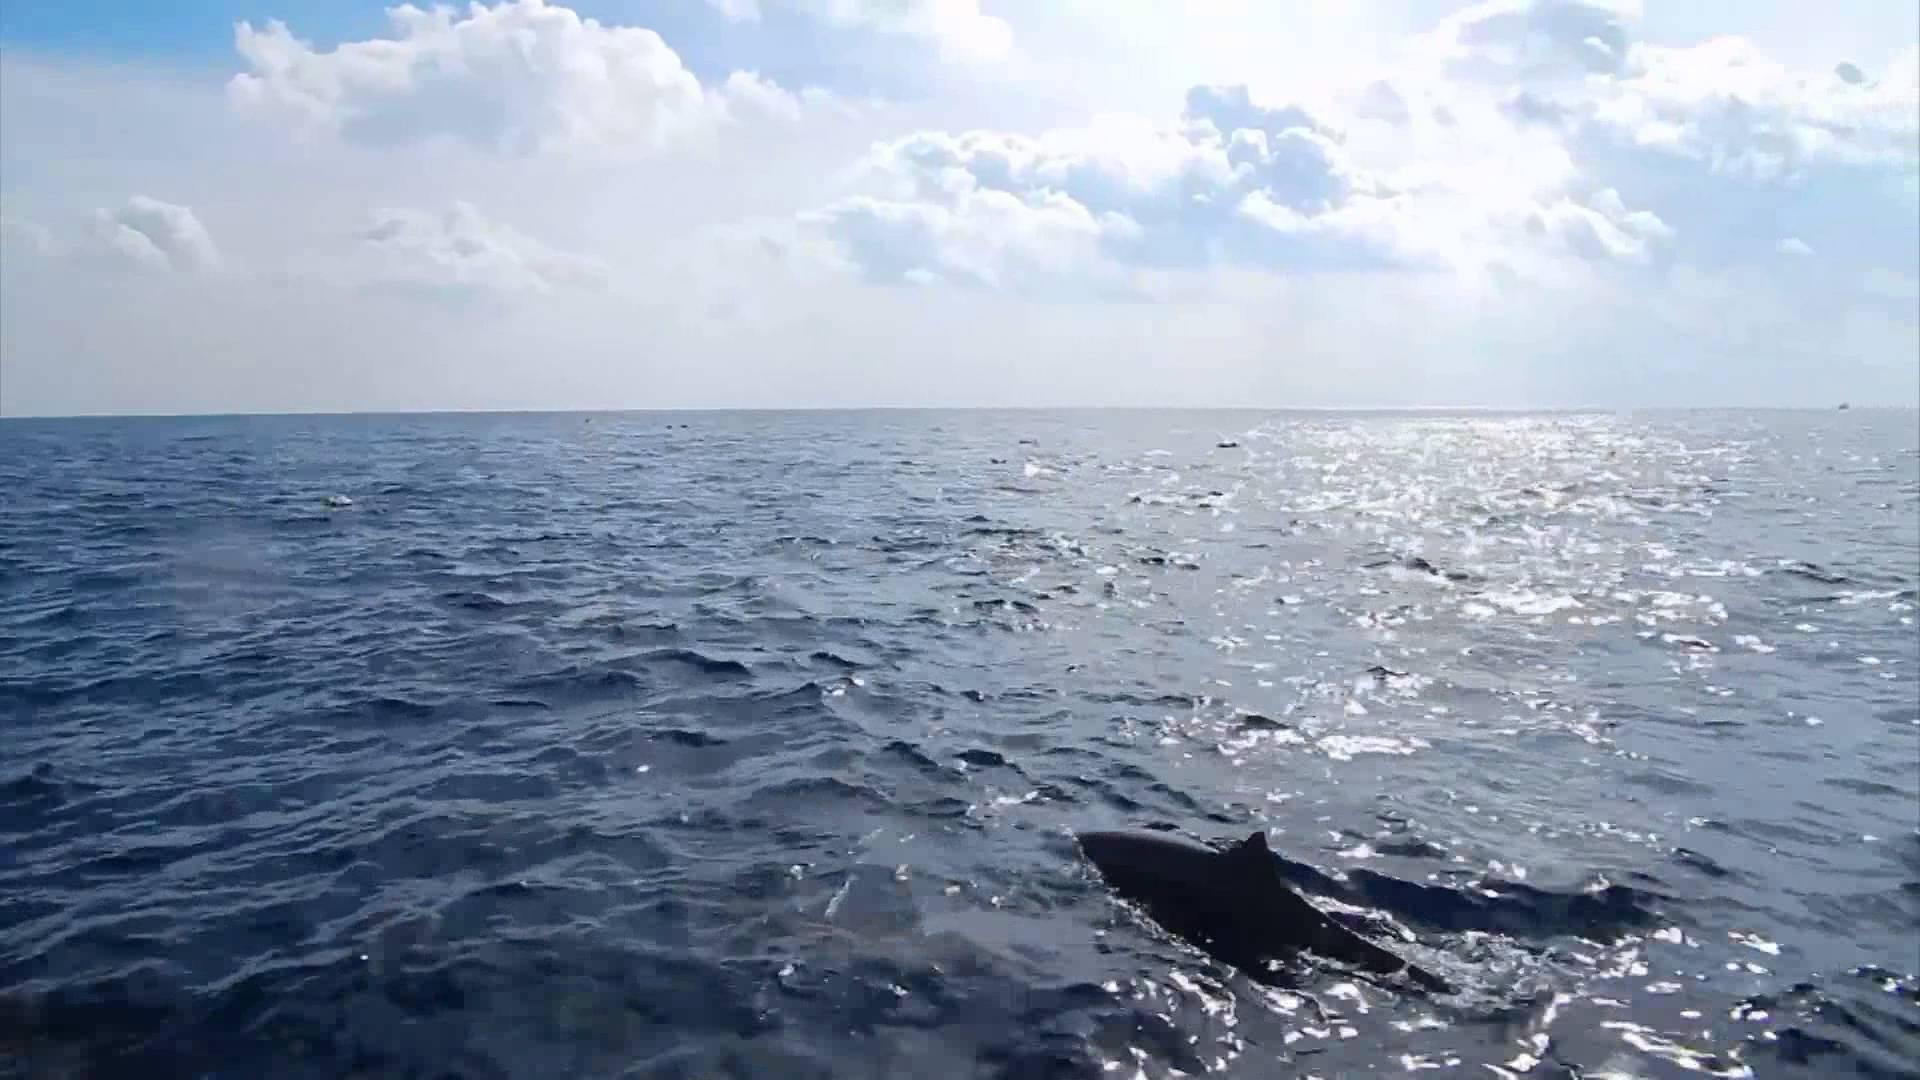 Avances hacia un acuerdo internacional para conservar la biodiversidad en alta mar